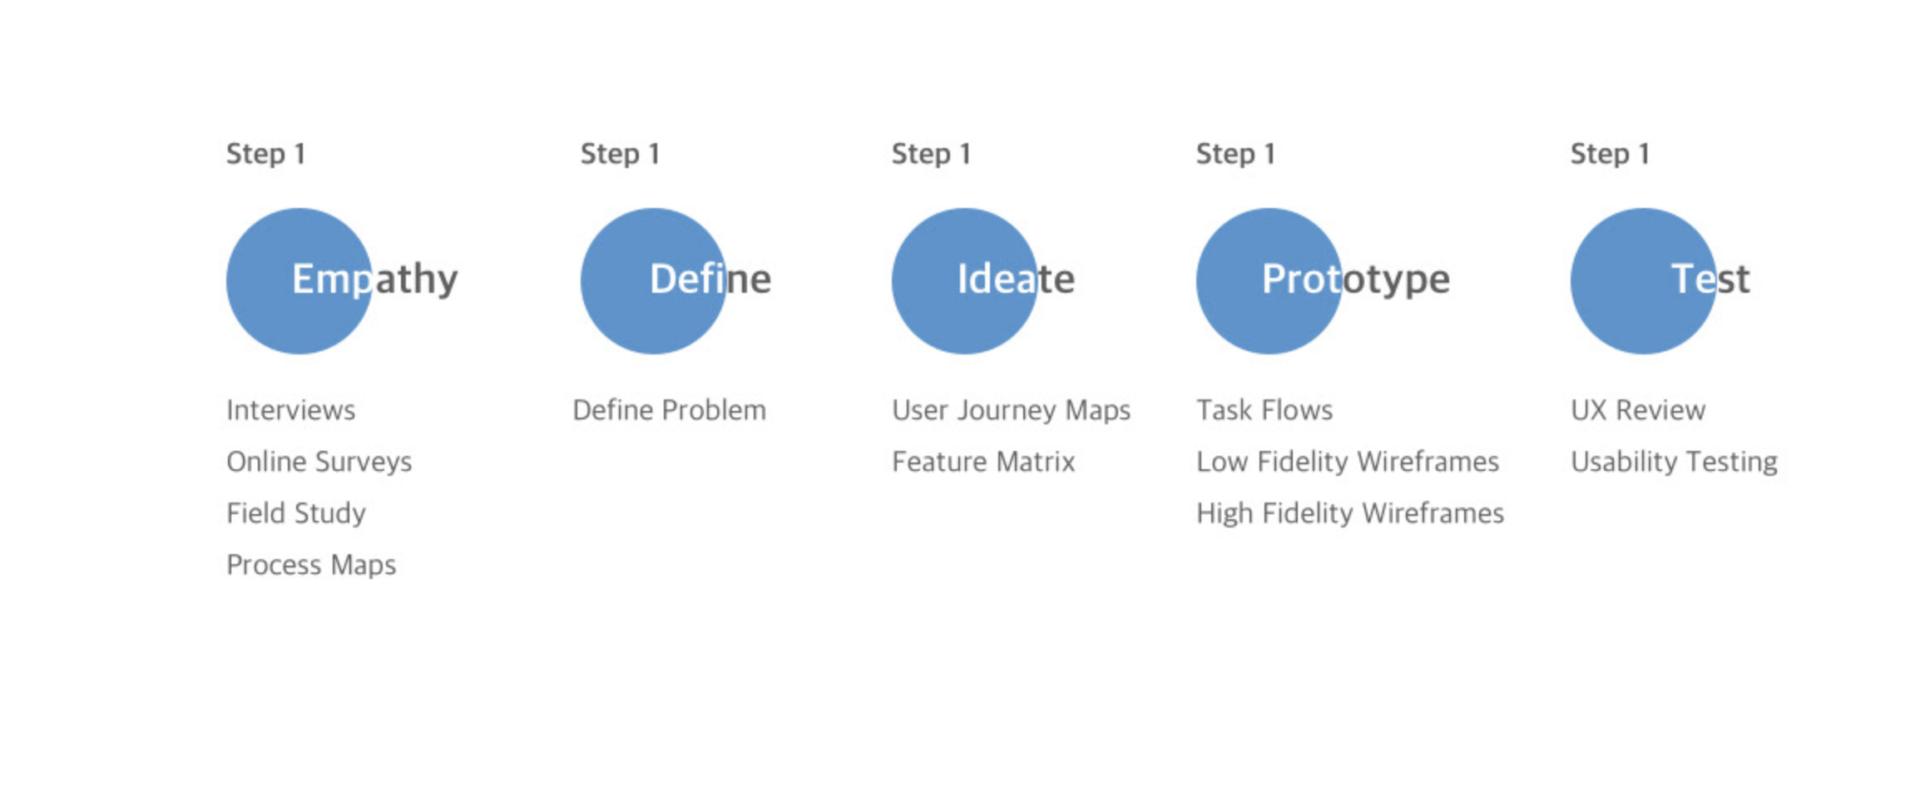 ขั้นตอนของกระบวนการคิดเชิงออกแบบ คืออะไร